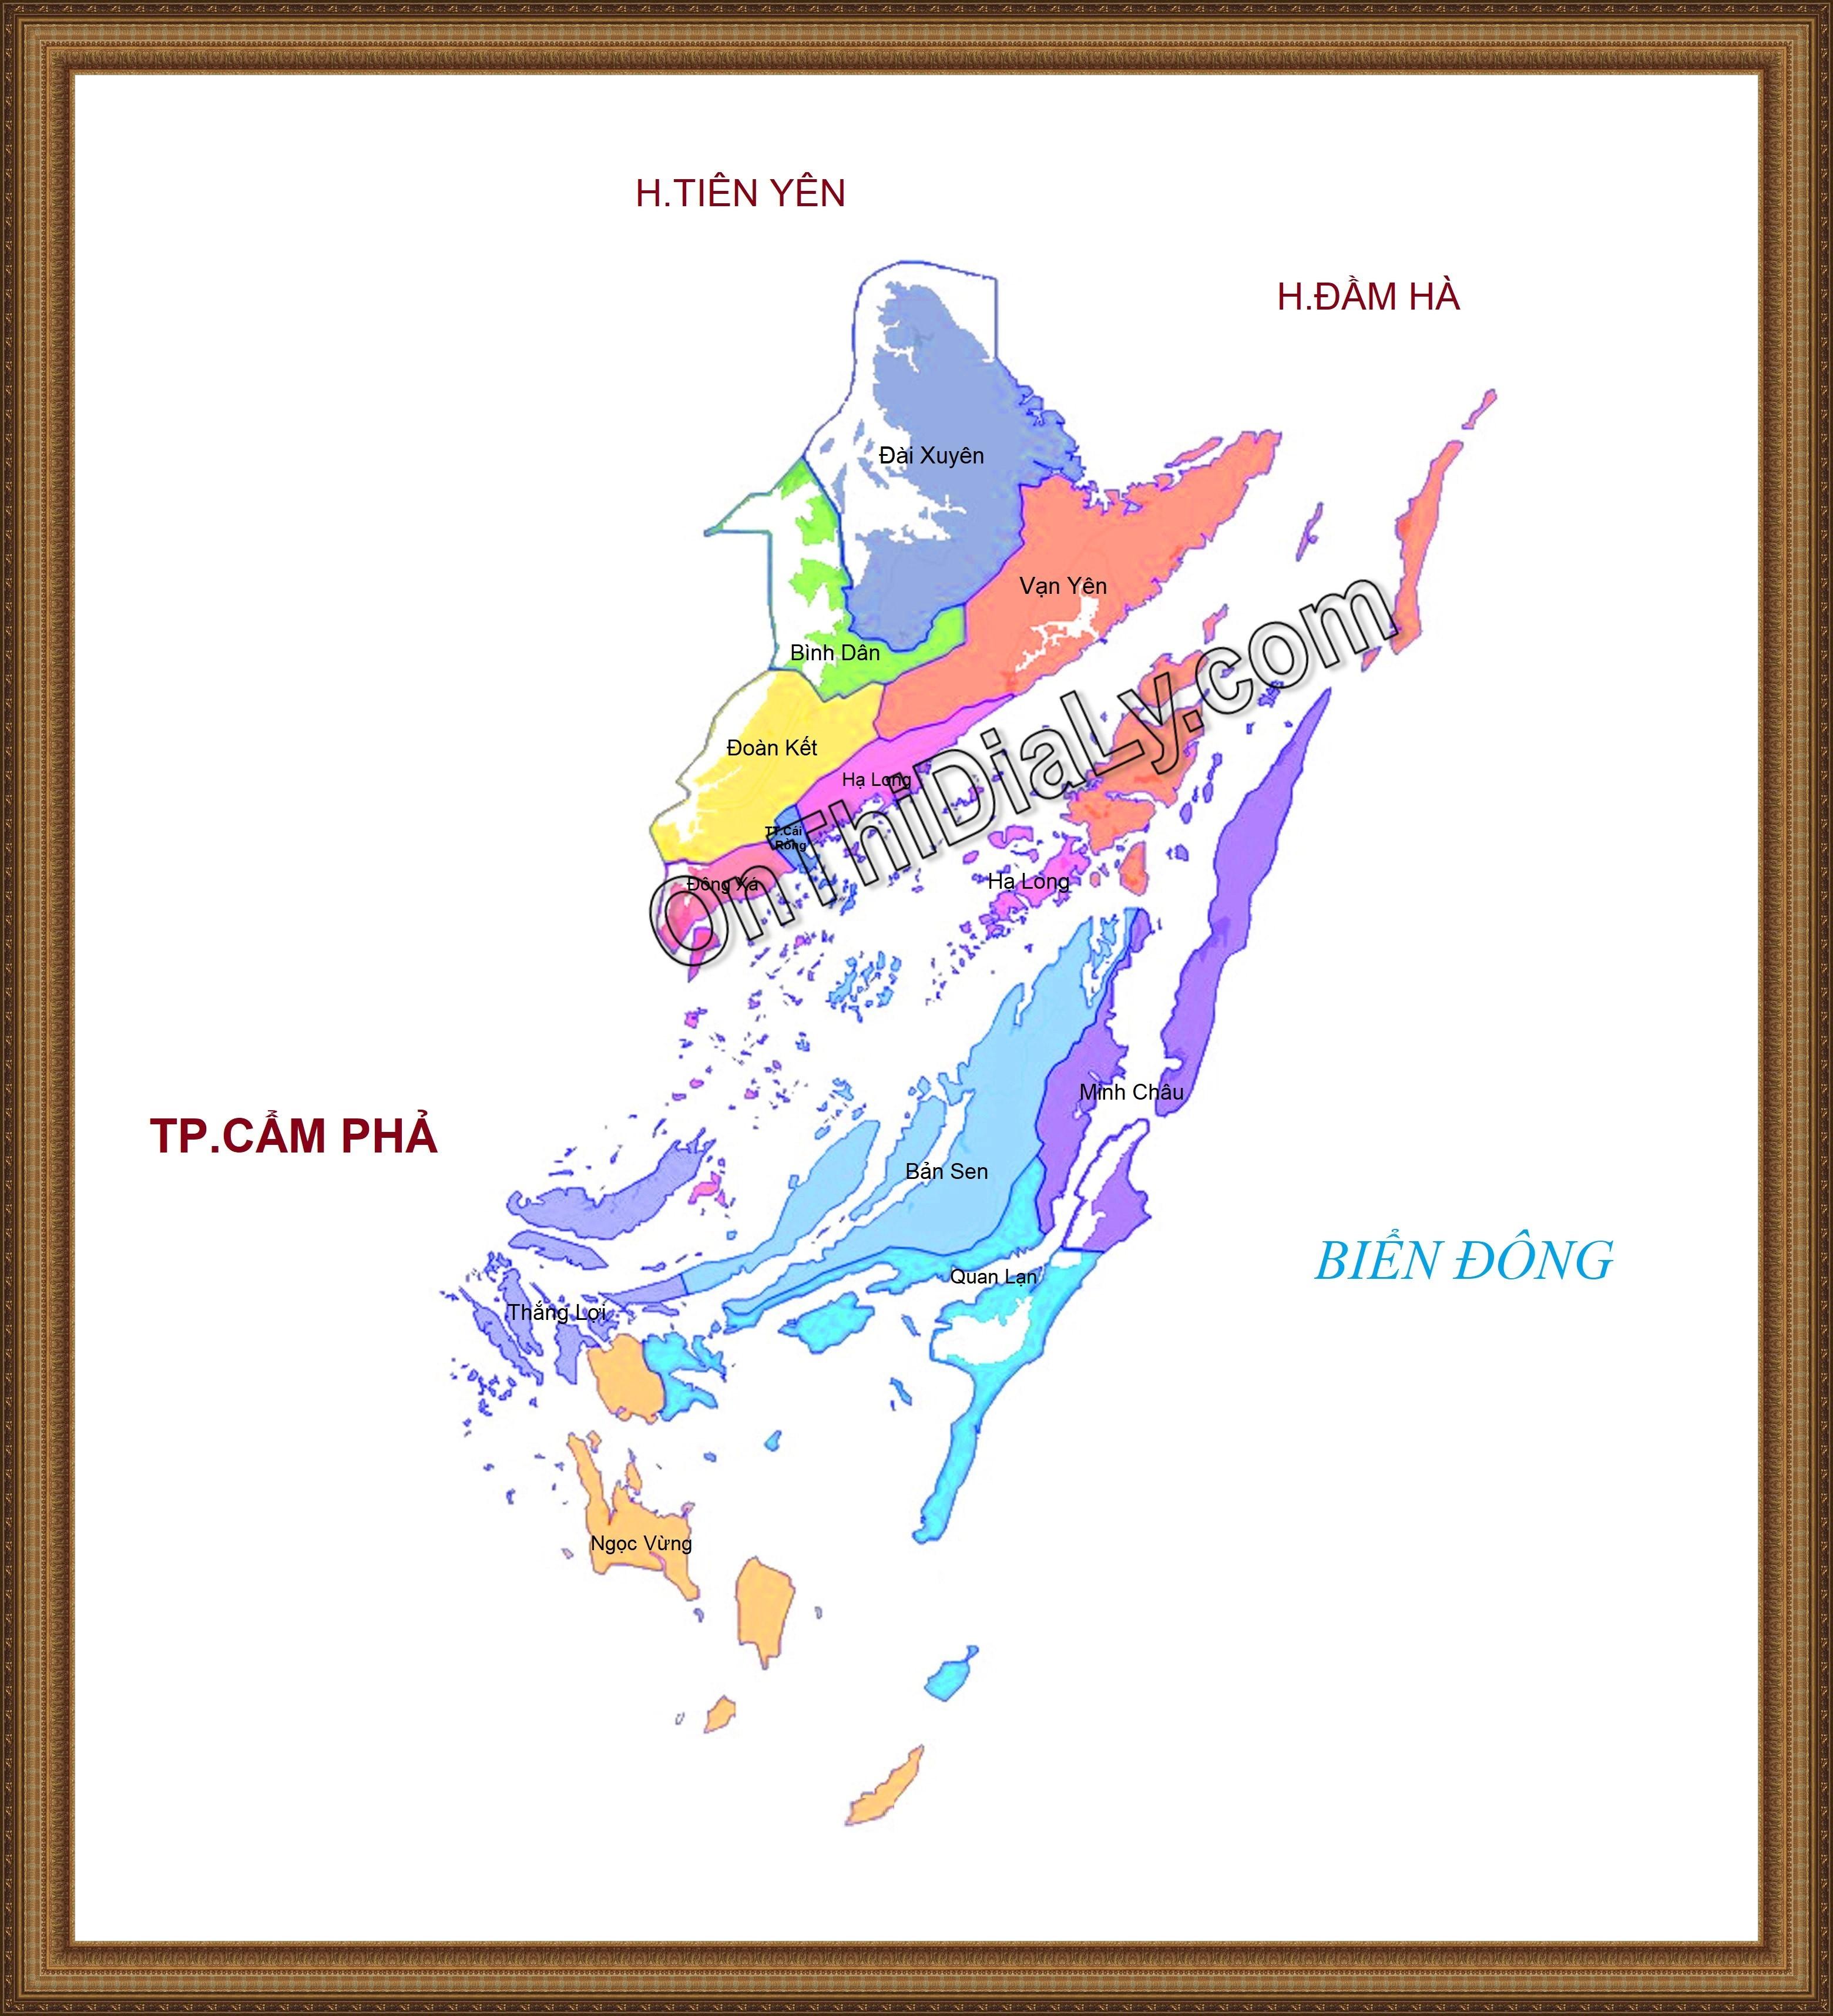 Bản đồ huyện Vân Đồn, tỉnh Quảng Ninh